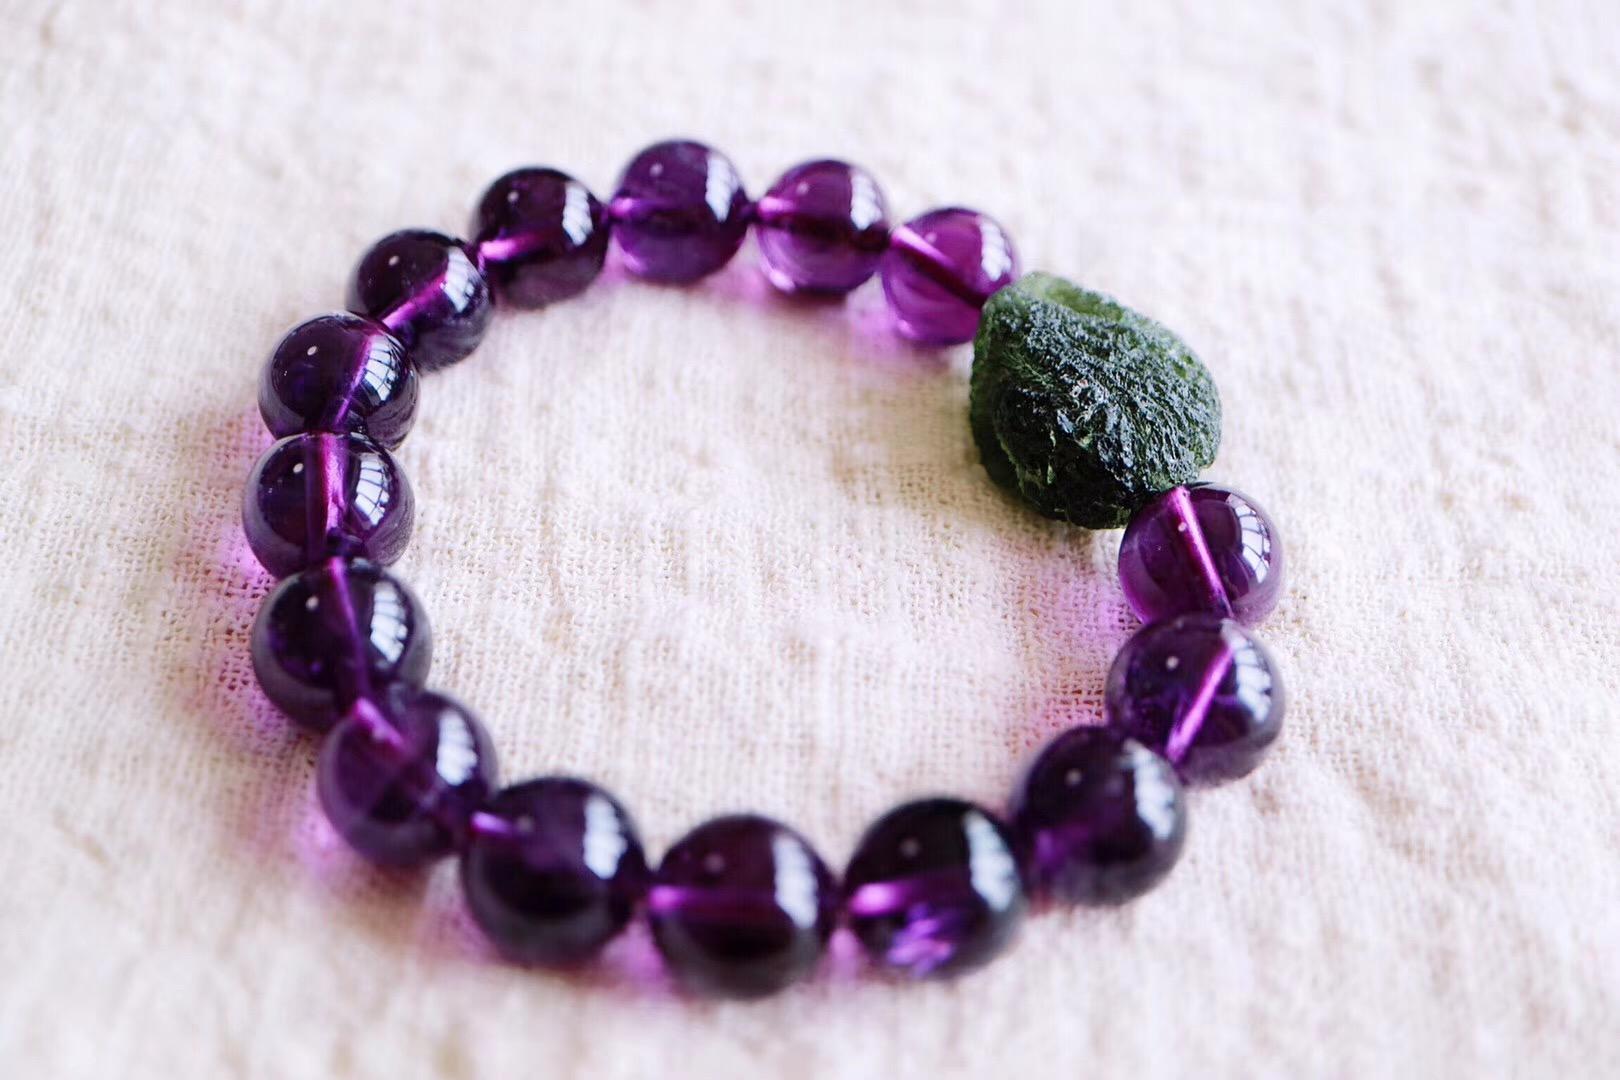 【菩心捷克陨石 | 紫水晶】紫水晶给人一种梦幻又饱含幸福的视觉感-菩心晶舍